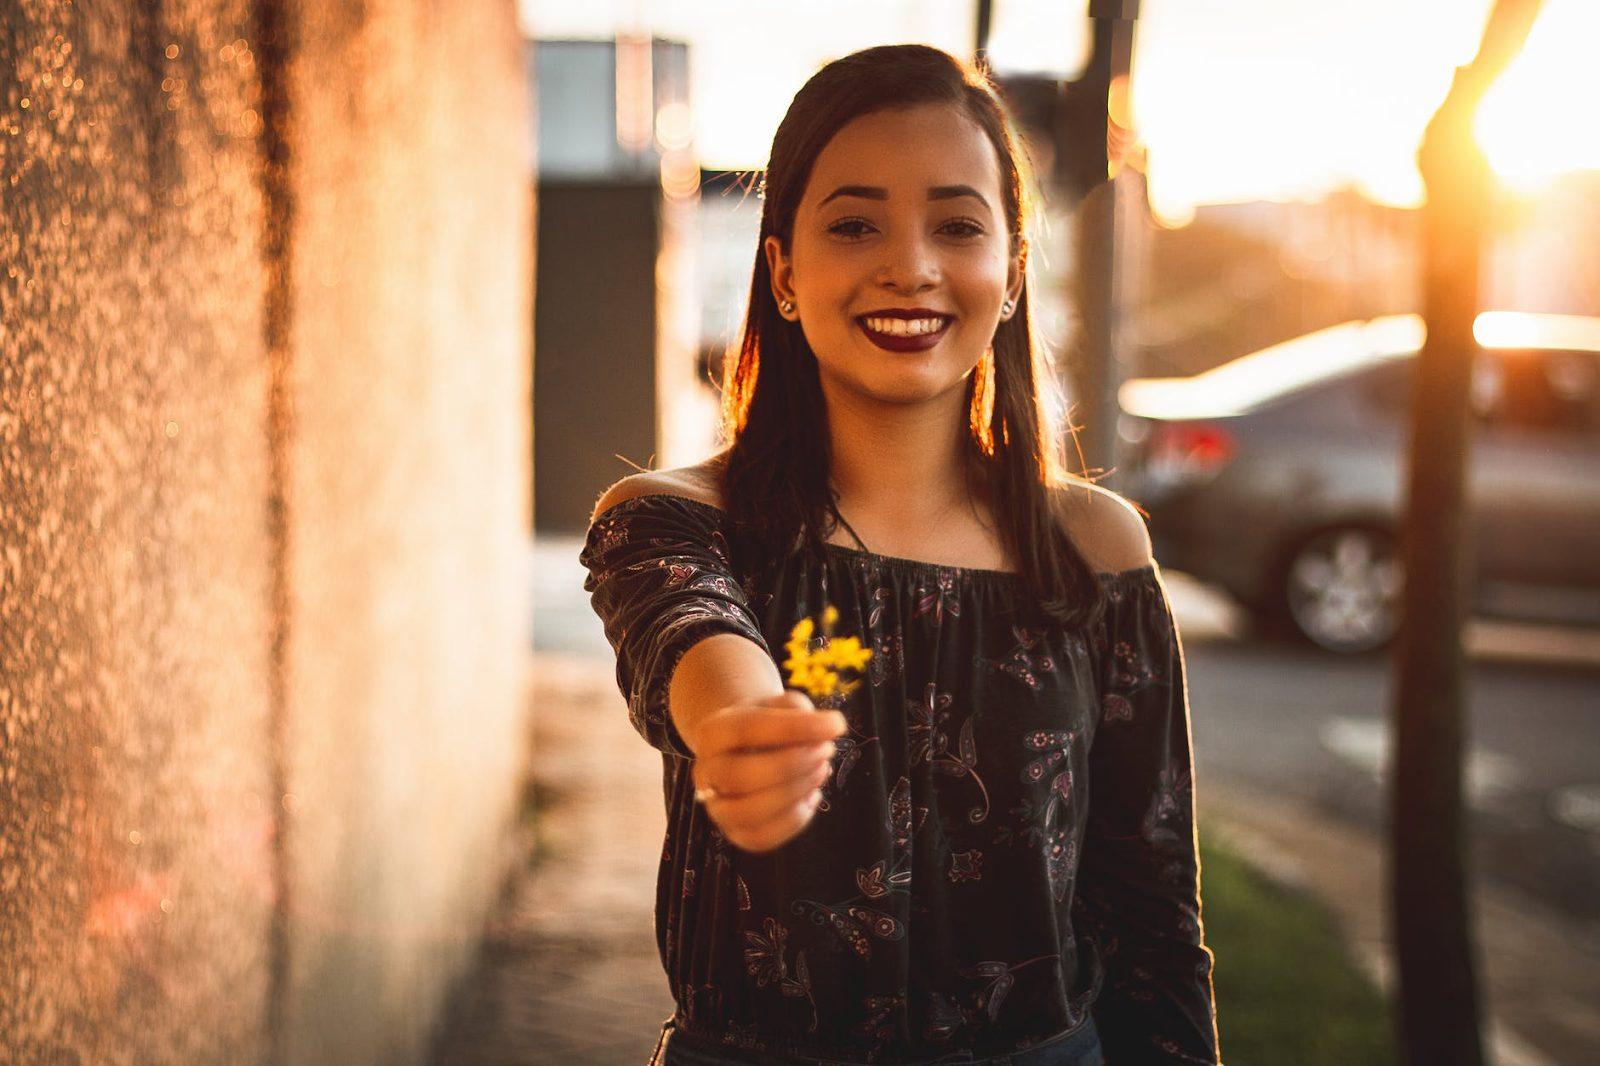 Venezuelan girl